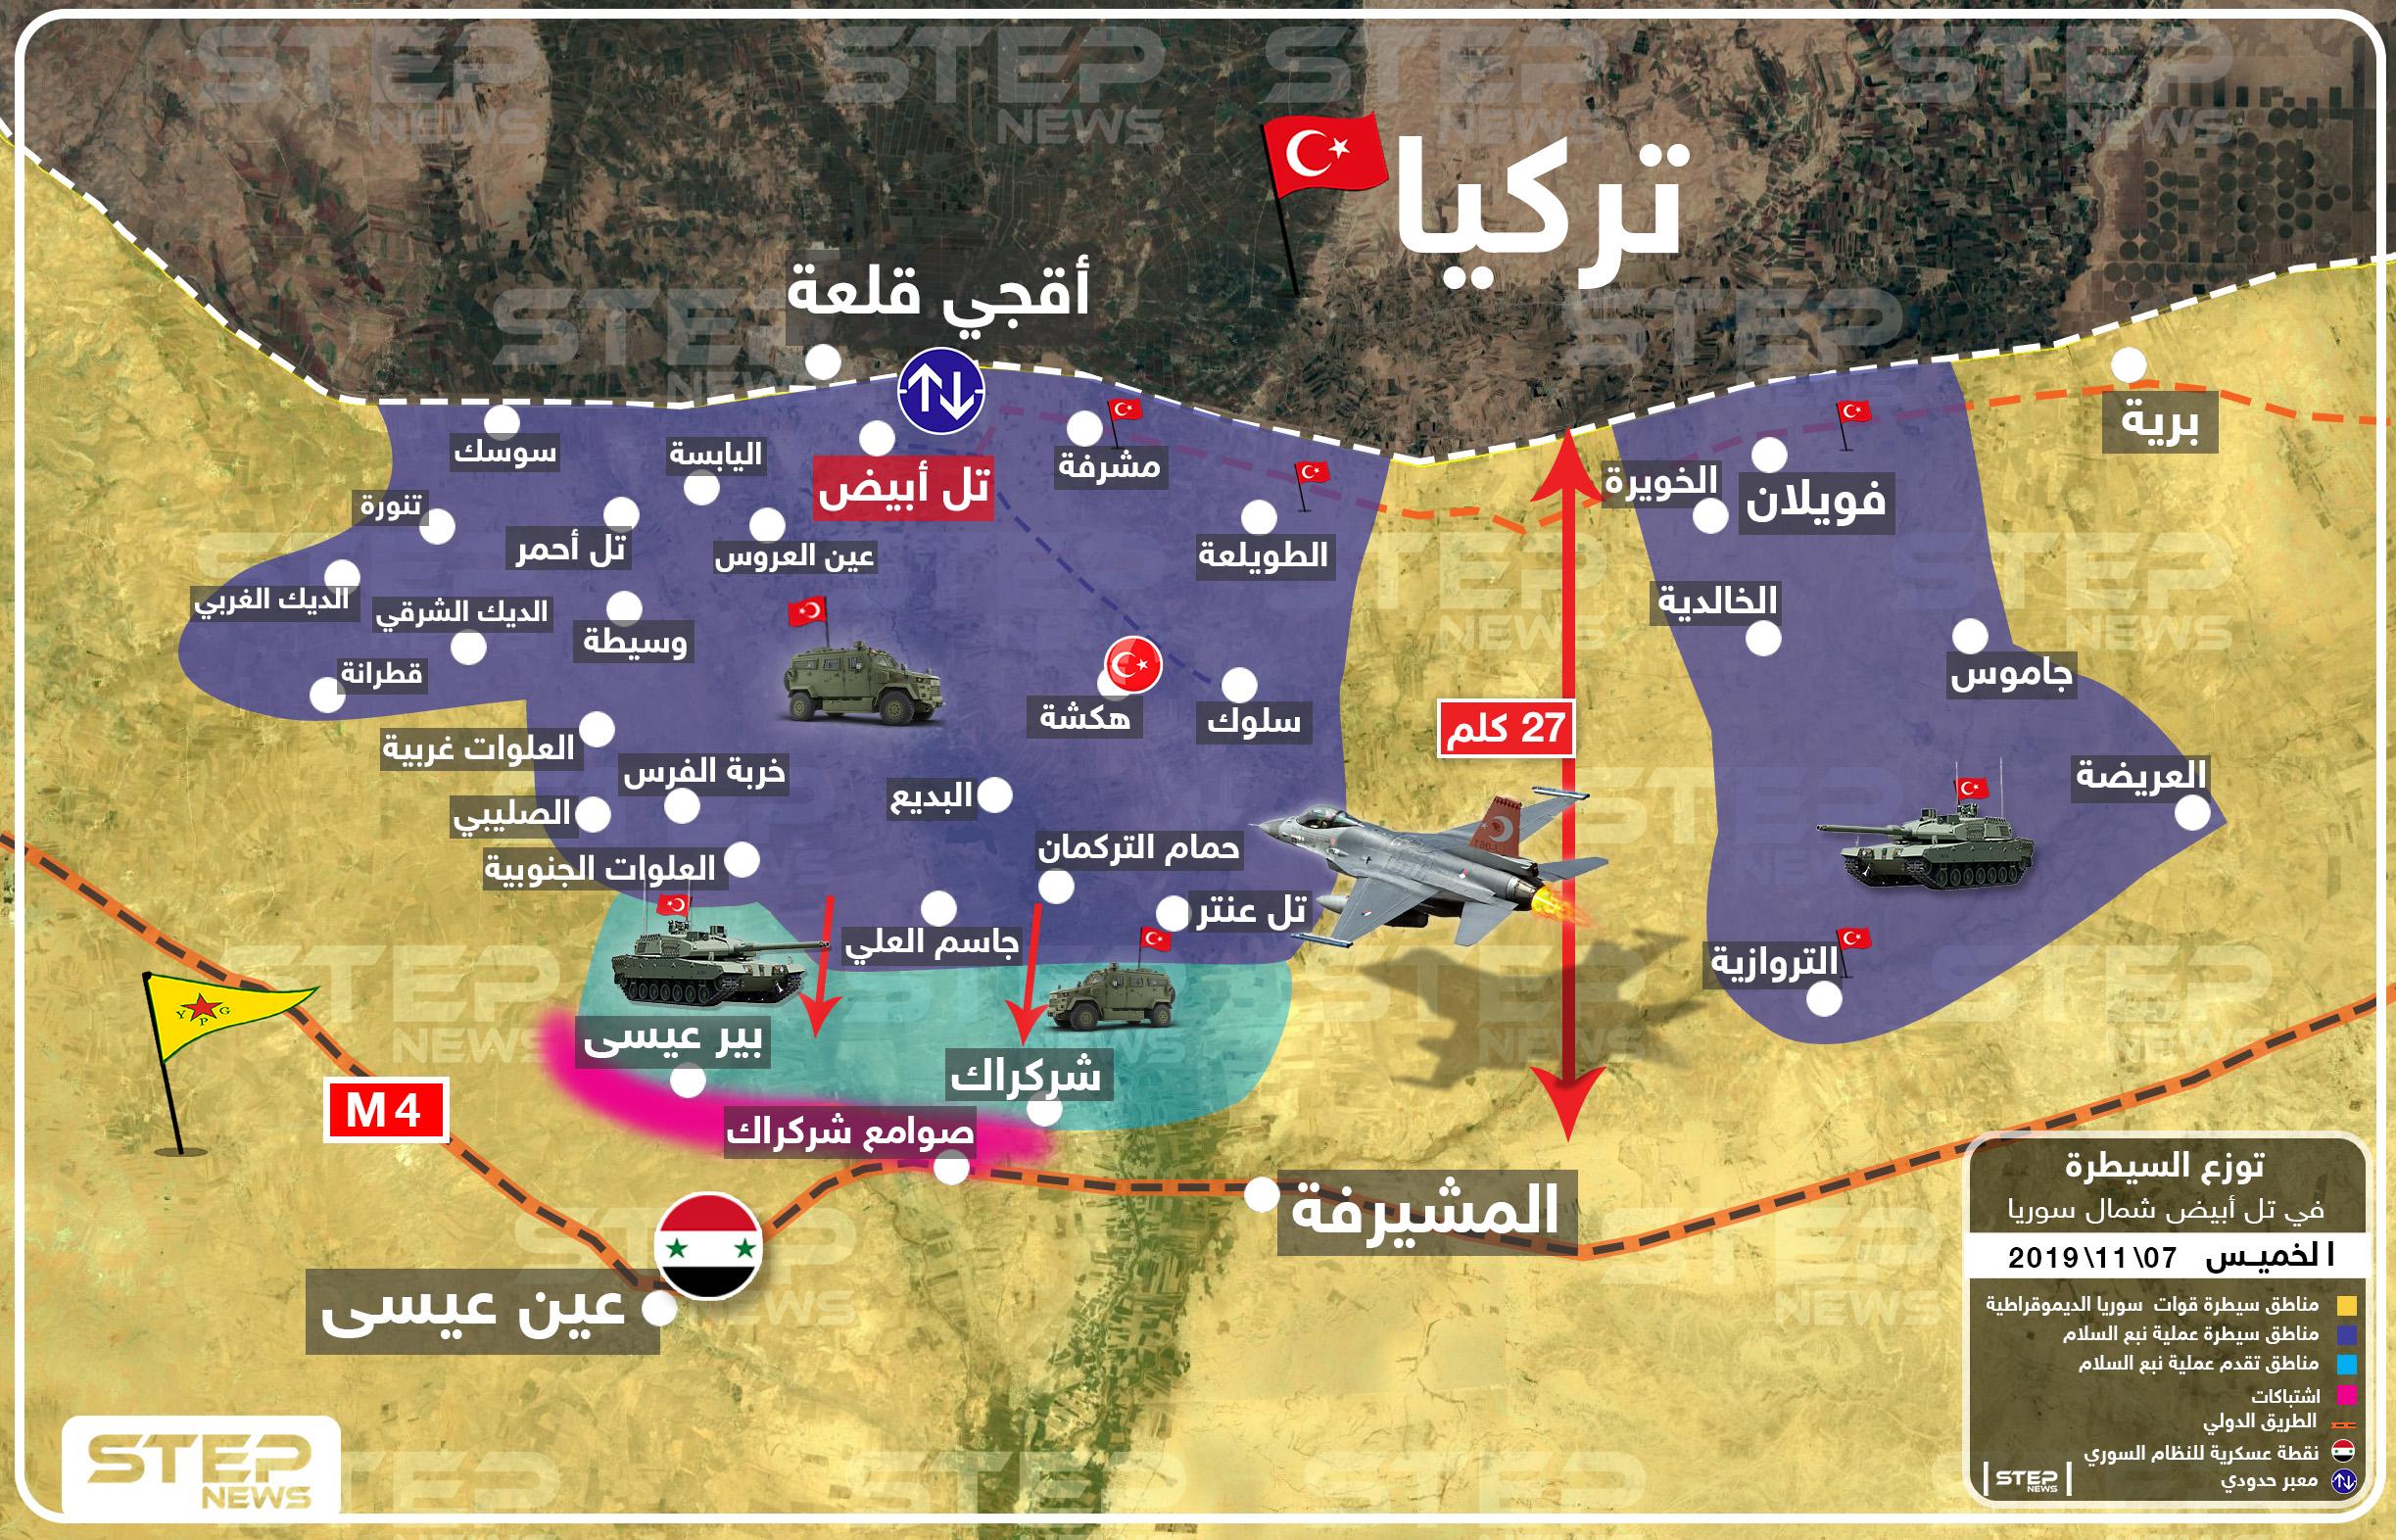 شاهد بالخريطة|| نقاط تقدّم فصائل المعارضة بعين عيسى وأهم محاور الاشتباكات هناك